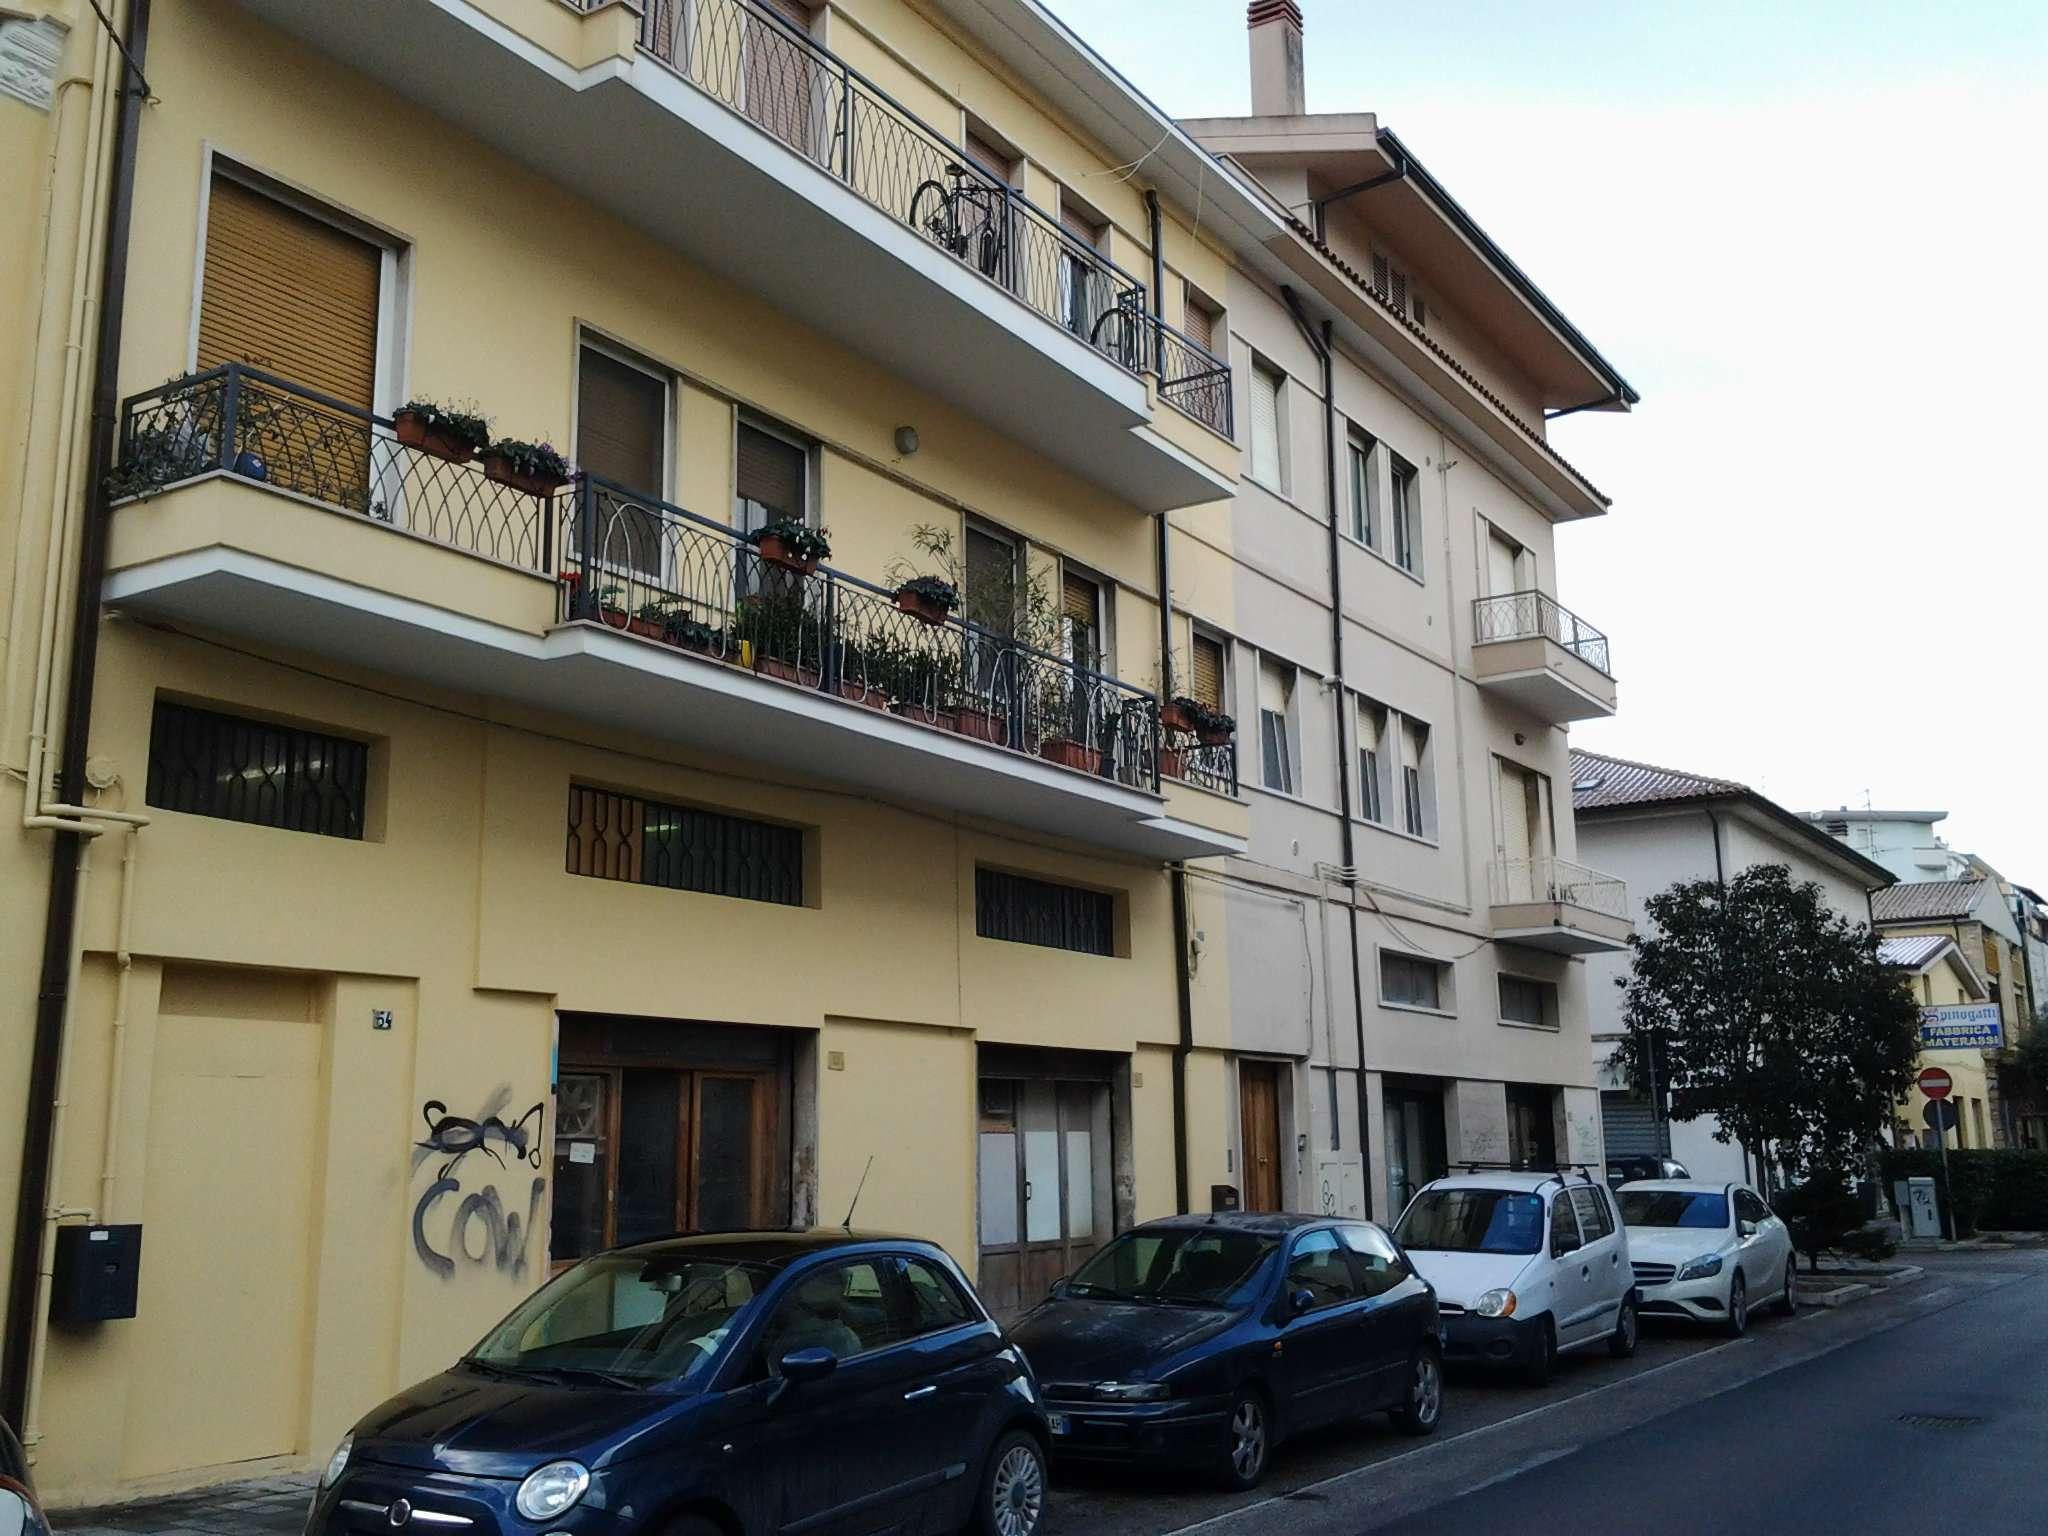 Attico / Mansarda in affitto a Pescara, 6 locali, prezzo € 500 | Cambio Casa.it